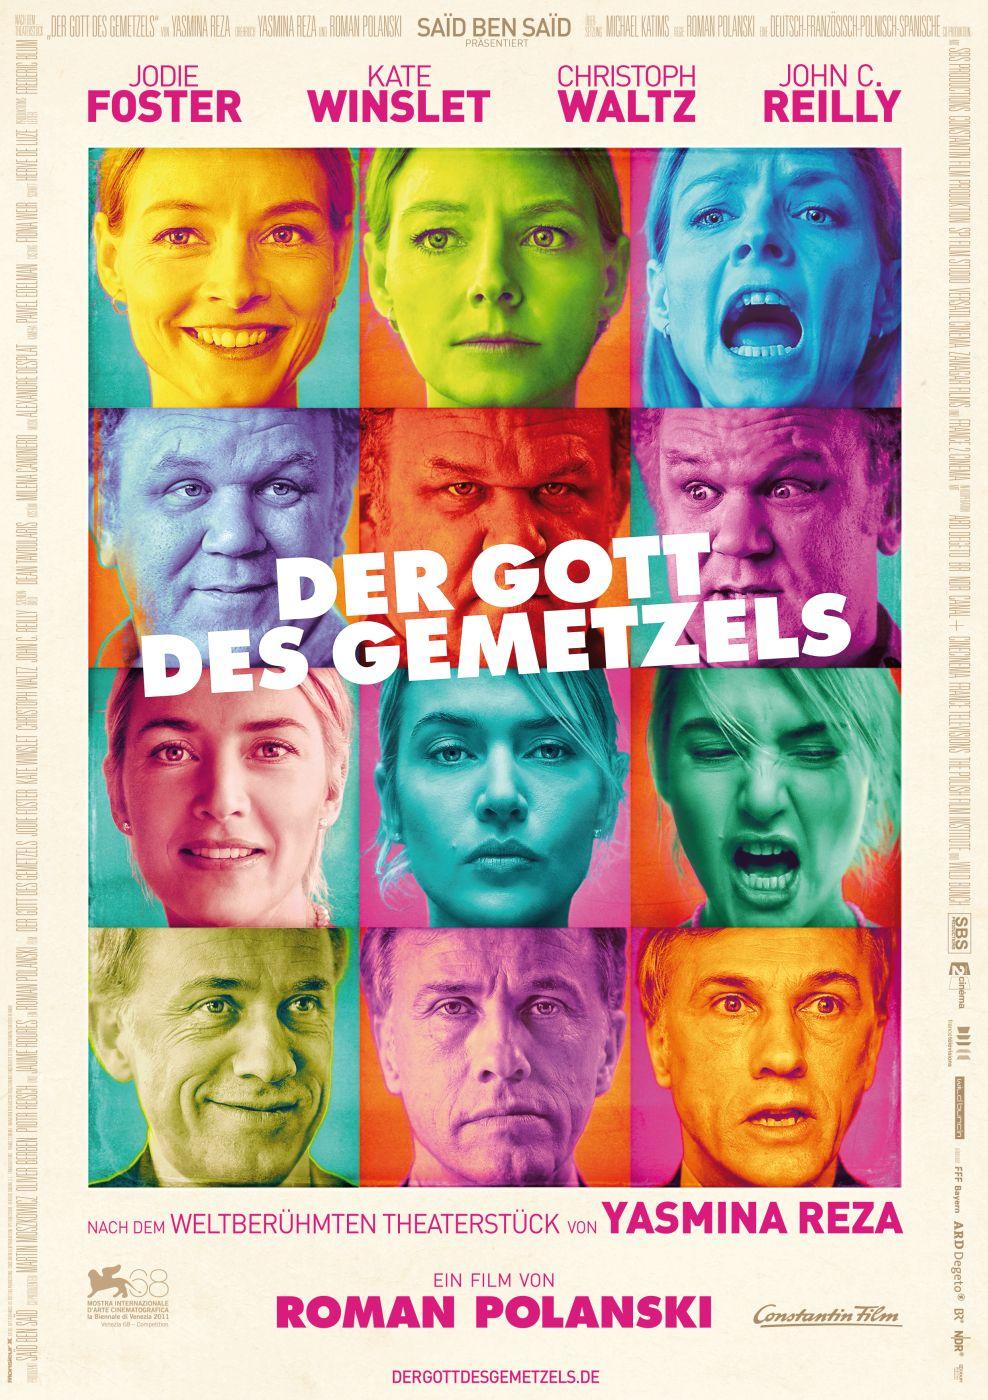 Der Gott Des Gemetzels Film